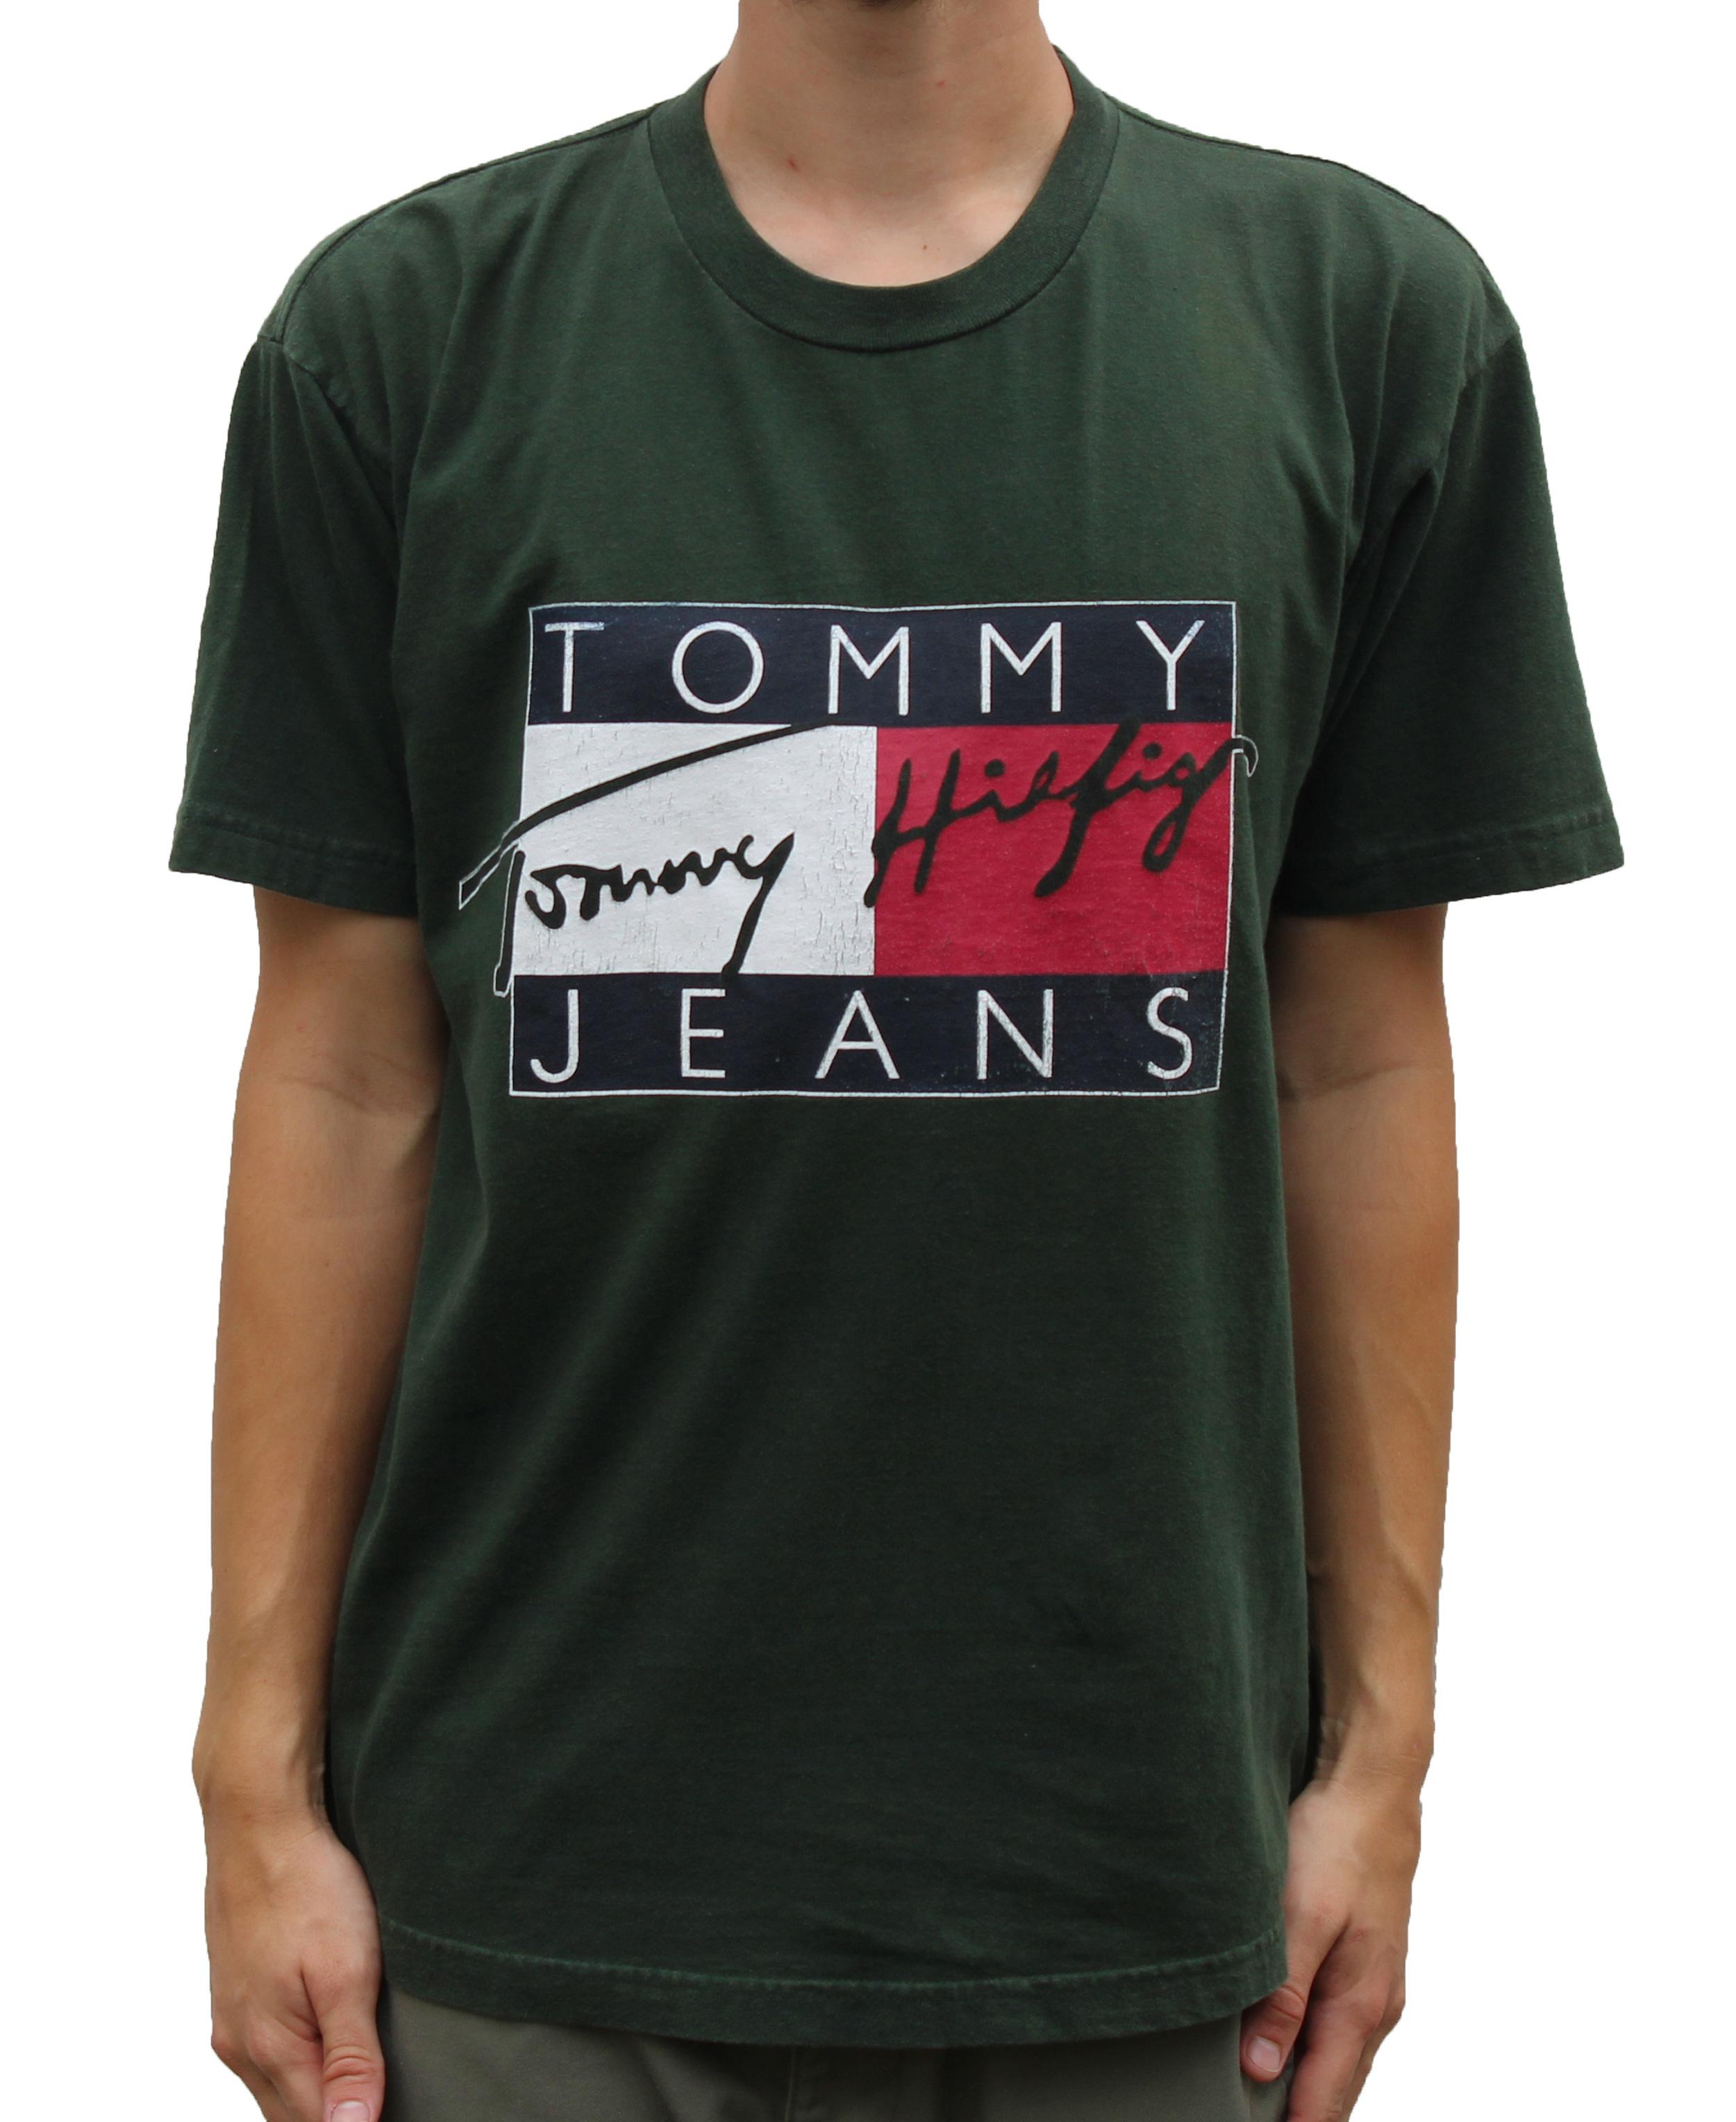 Luxus kaufen klassische Passform Einkaufen Vintage Tommy Hilfiger Tommy Jeans Signature Forest Green T Shirt (Size M)  — Roots